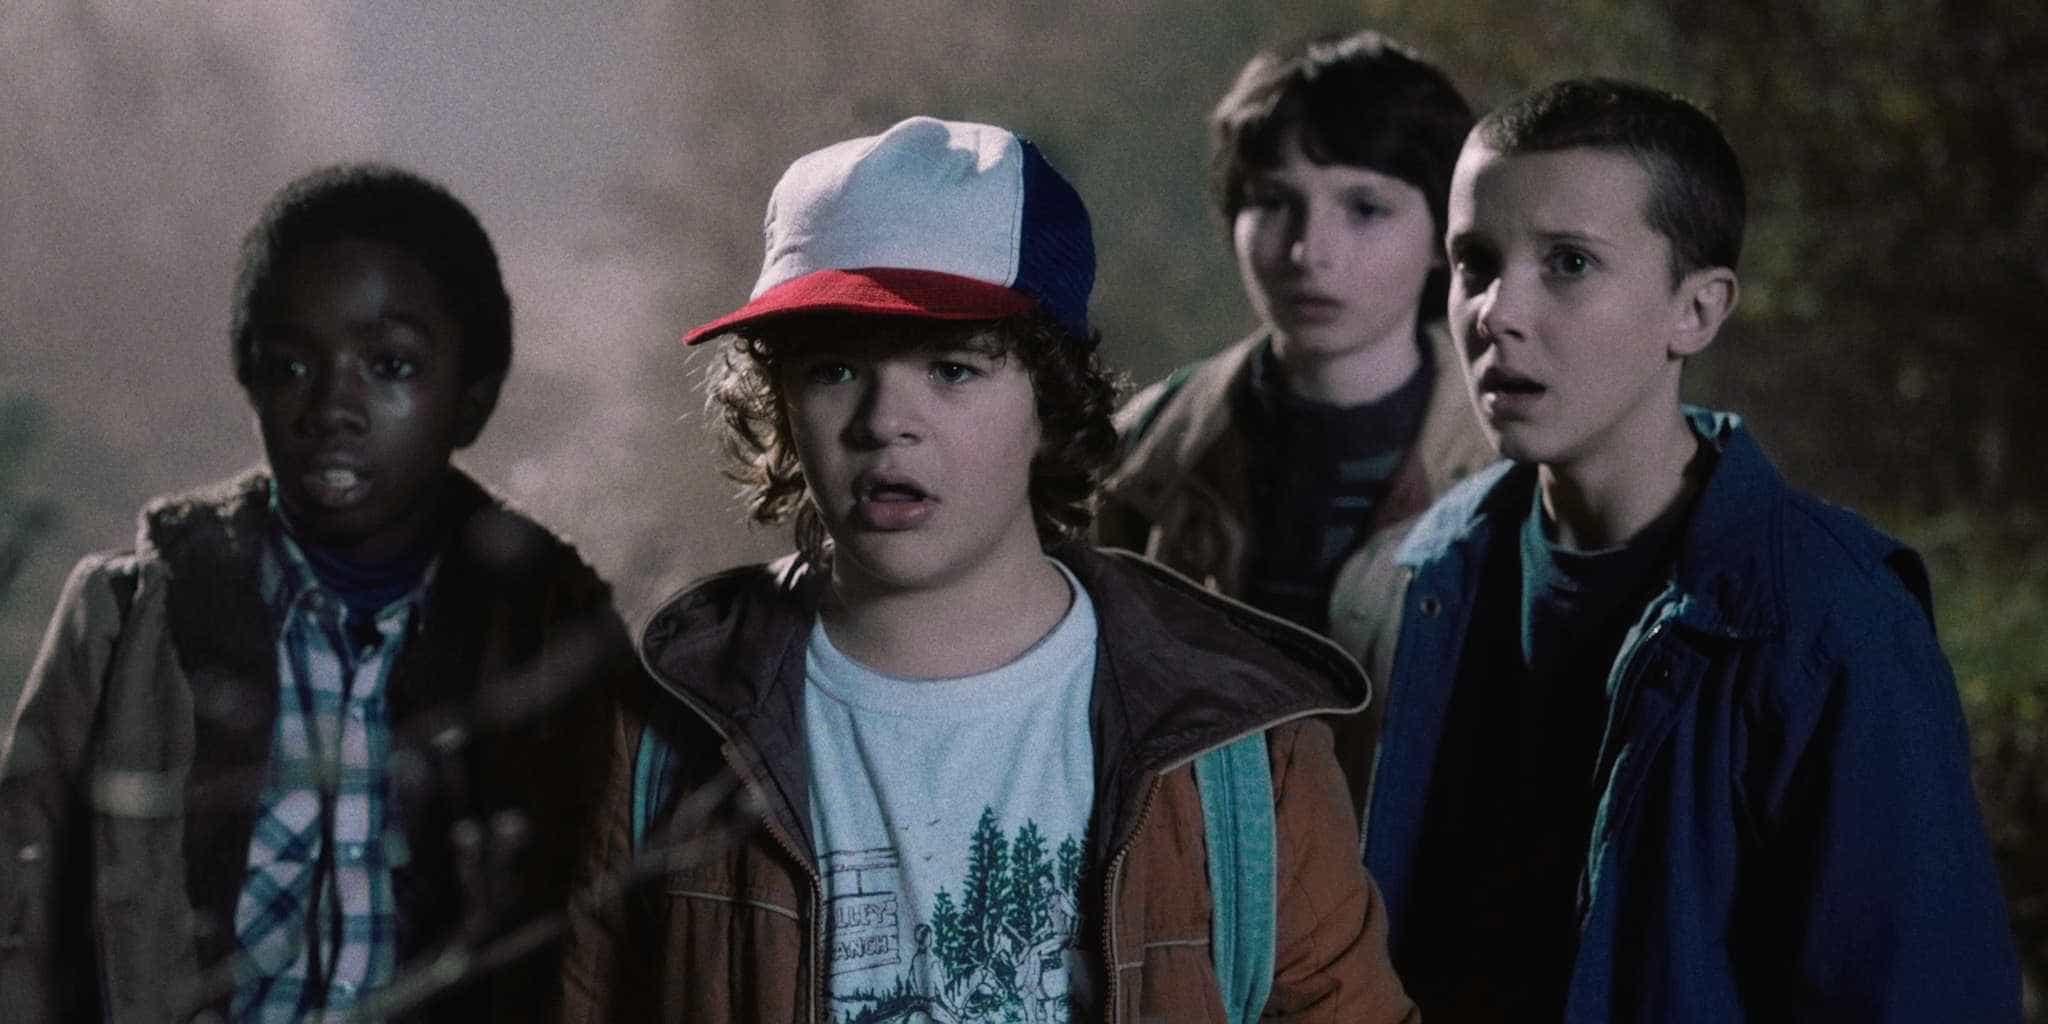 Séries originais ambientadas nos anos 1980 têm destaque na Netflix